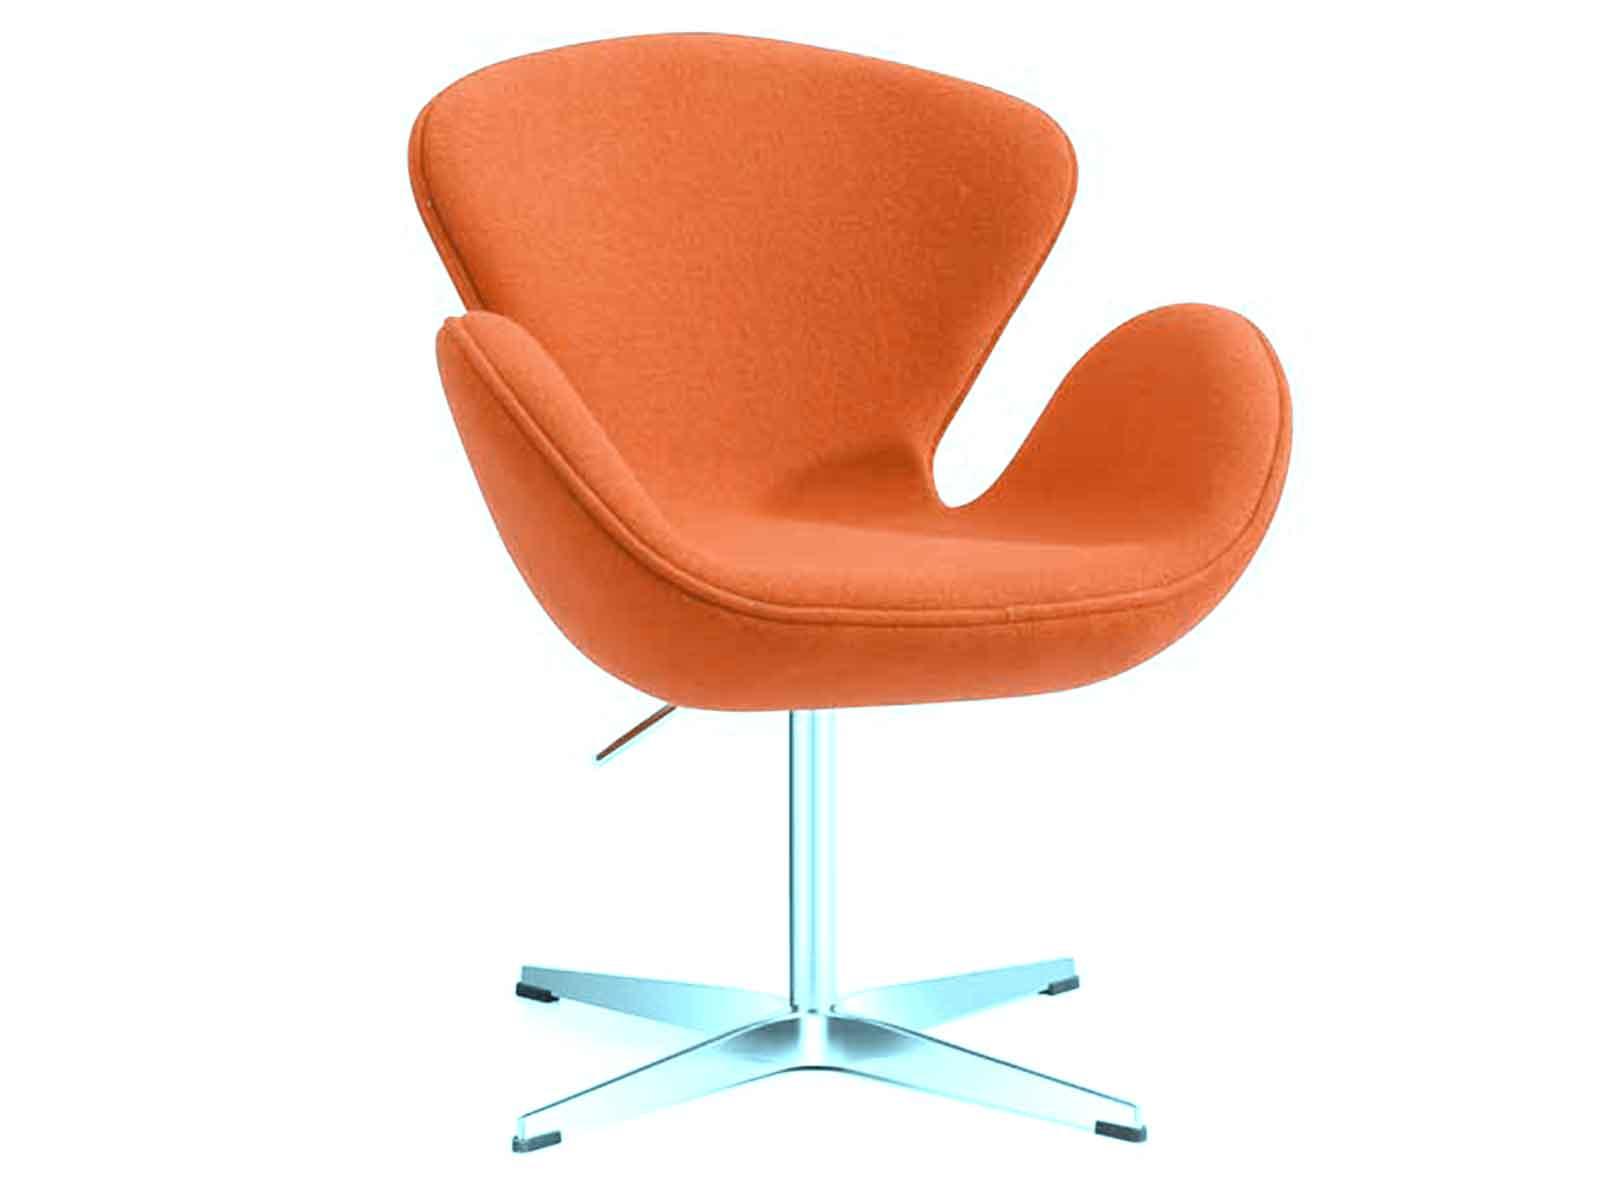 Silla sidney naranja casam a design compra sillas for Sillas modernas online